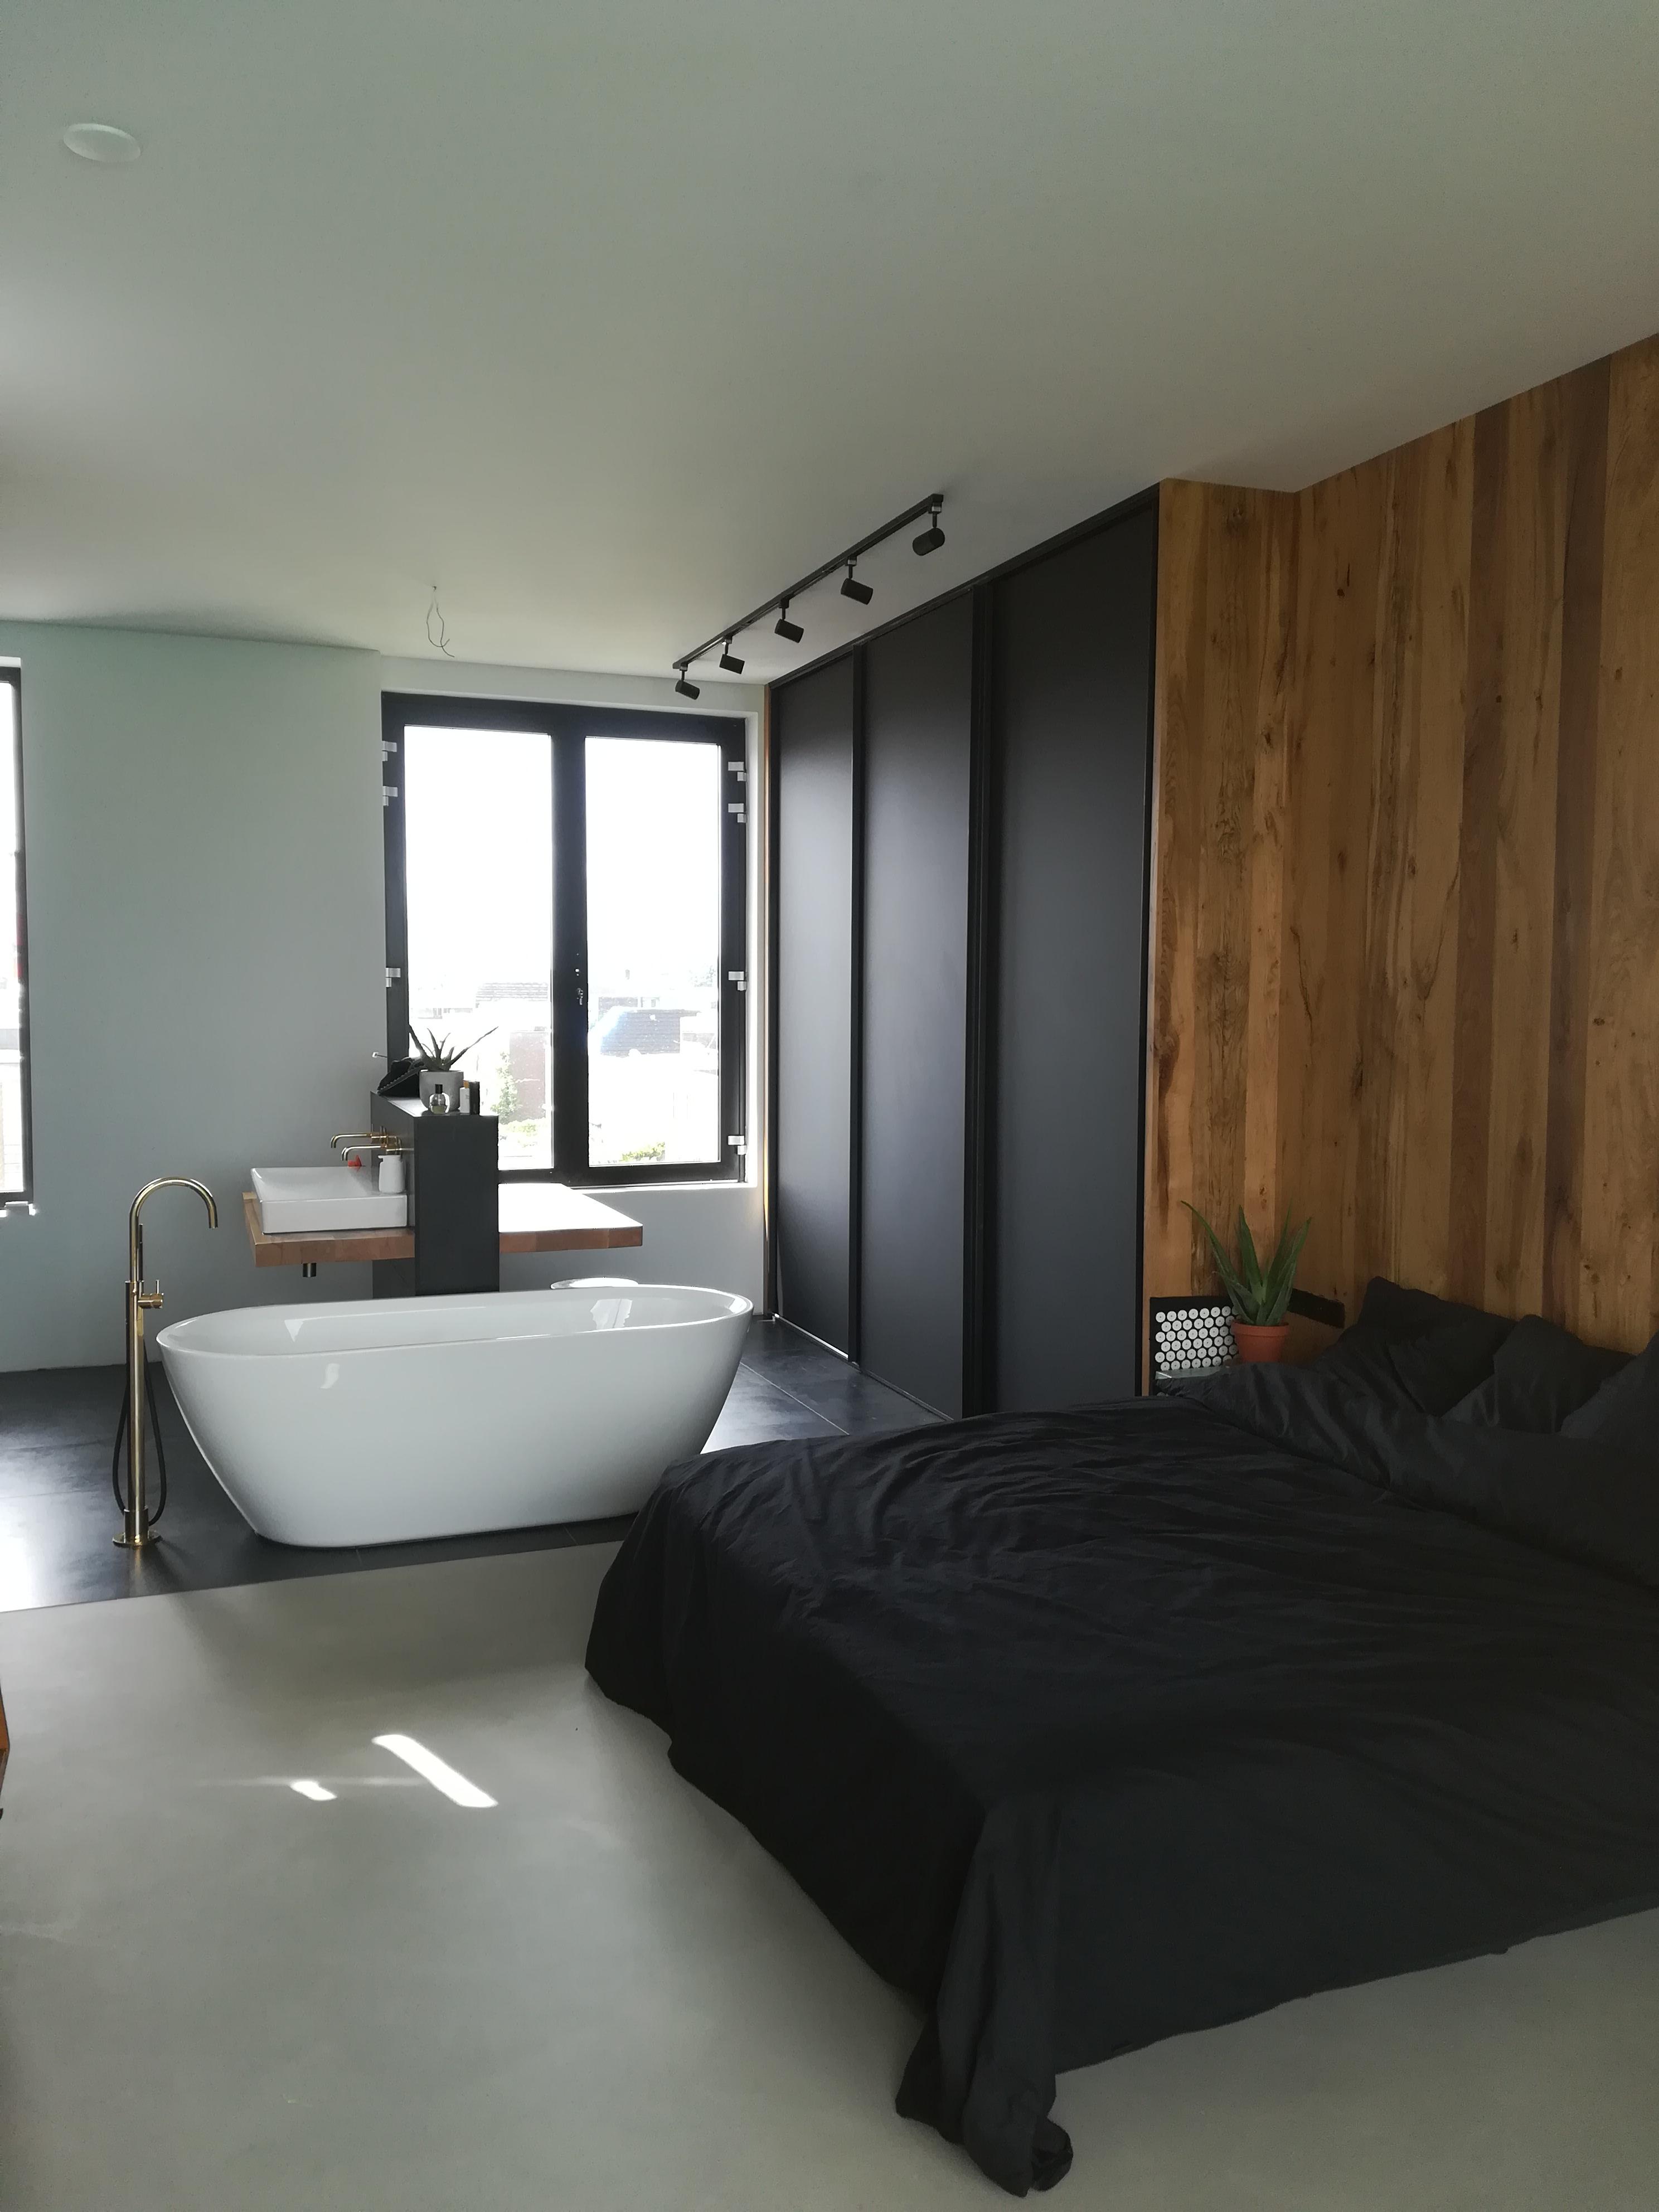 Wandkast Met Bed.Slaapkamer Met Wandkasten En Open Badkamer 2d W